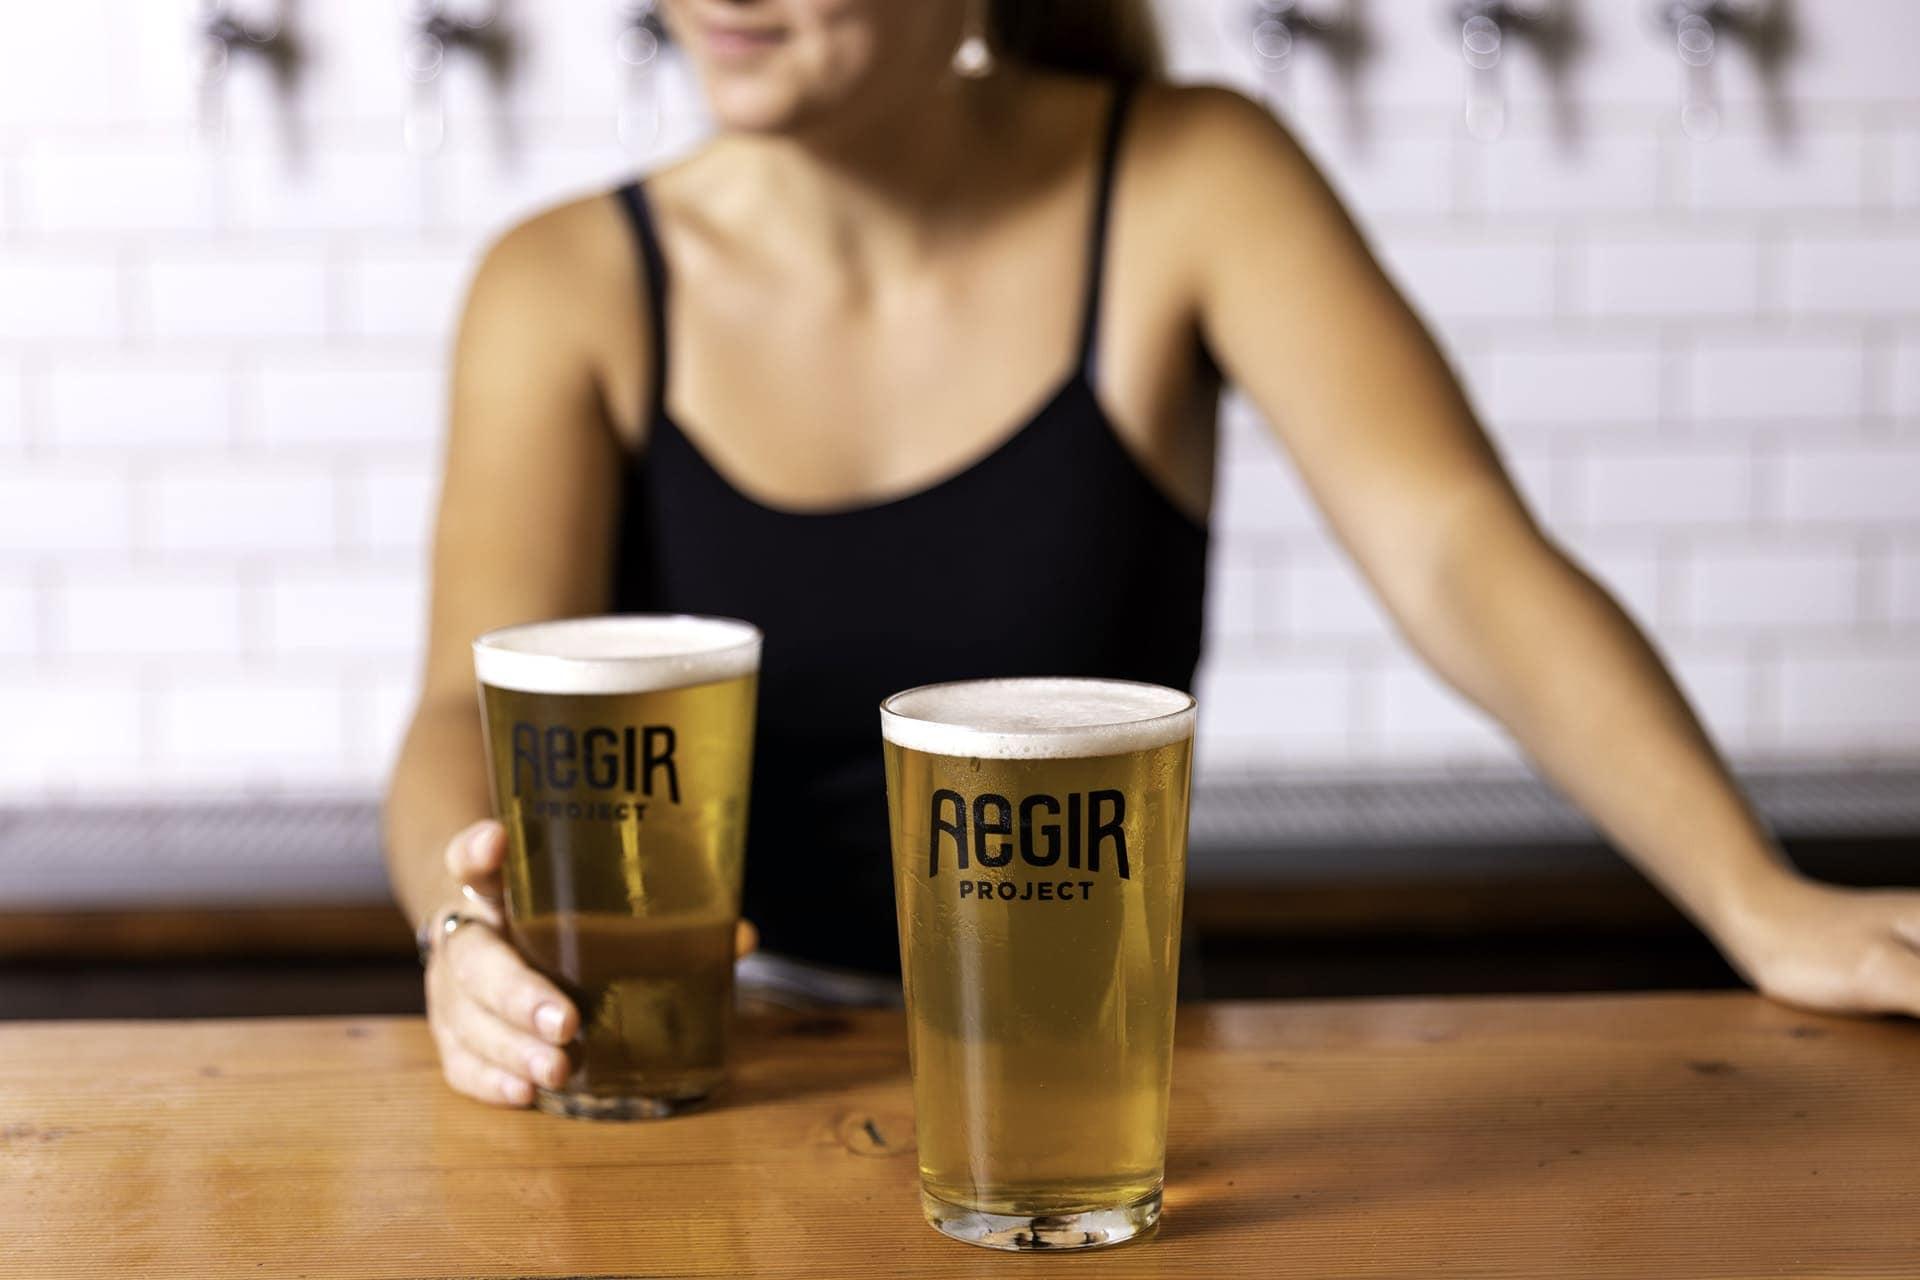 aegir-project-brewery